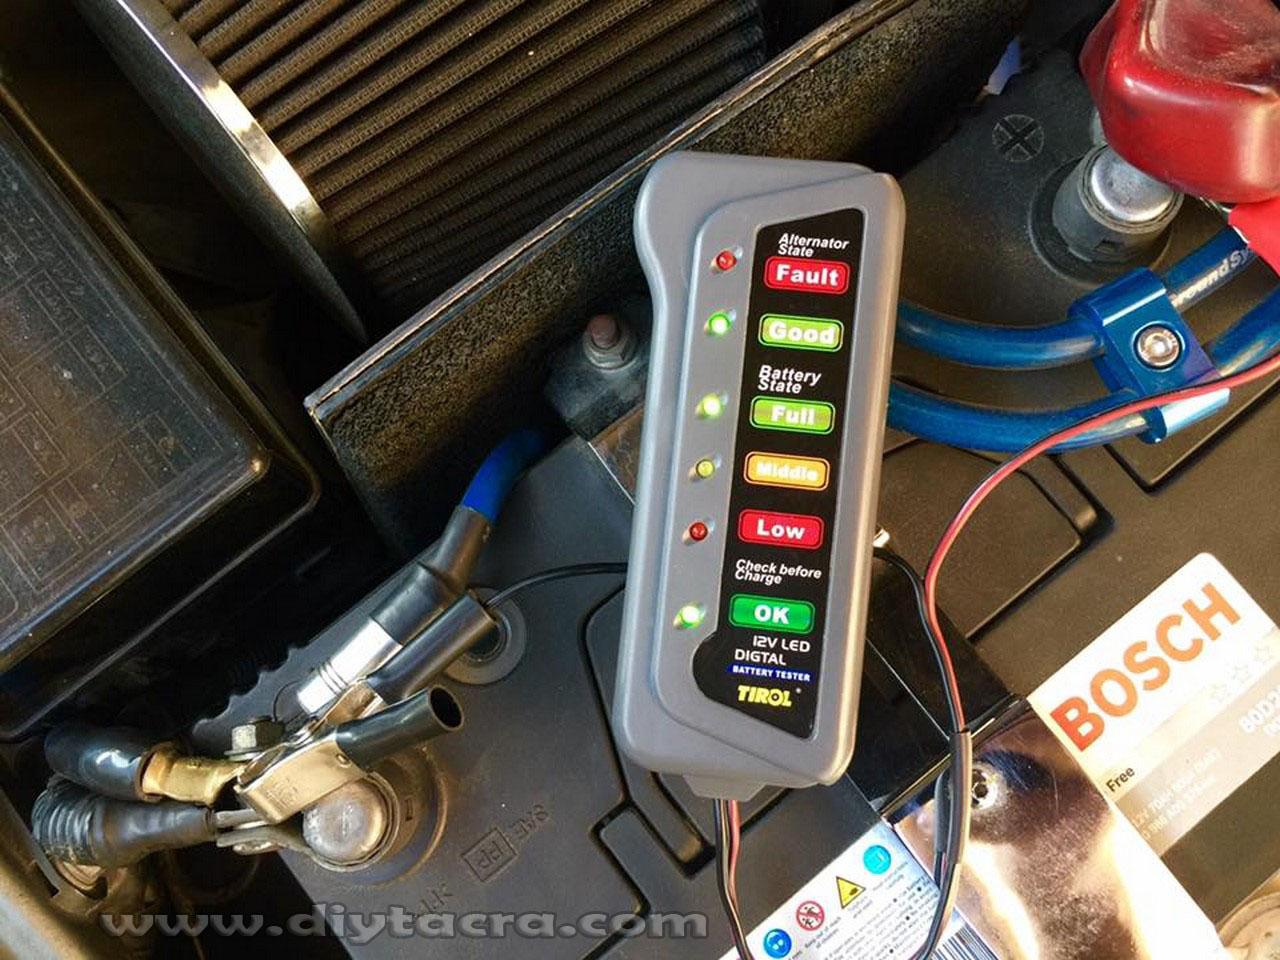 Tacras Diy Garage Battery Alternator Proton Saga Blm Fuse Box Diagram Kini Terdapat Device Yang Boleh Digunakan Untuk Memeriksa Keadaan Bateri Dan Kereta Seperti Alat Kecil Ditunjukkan Di Atas Dengan Ini